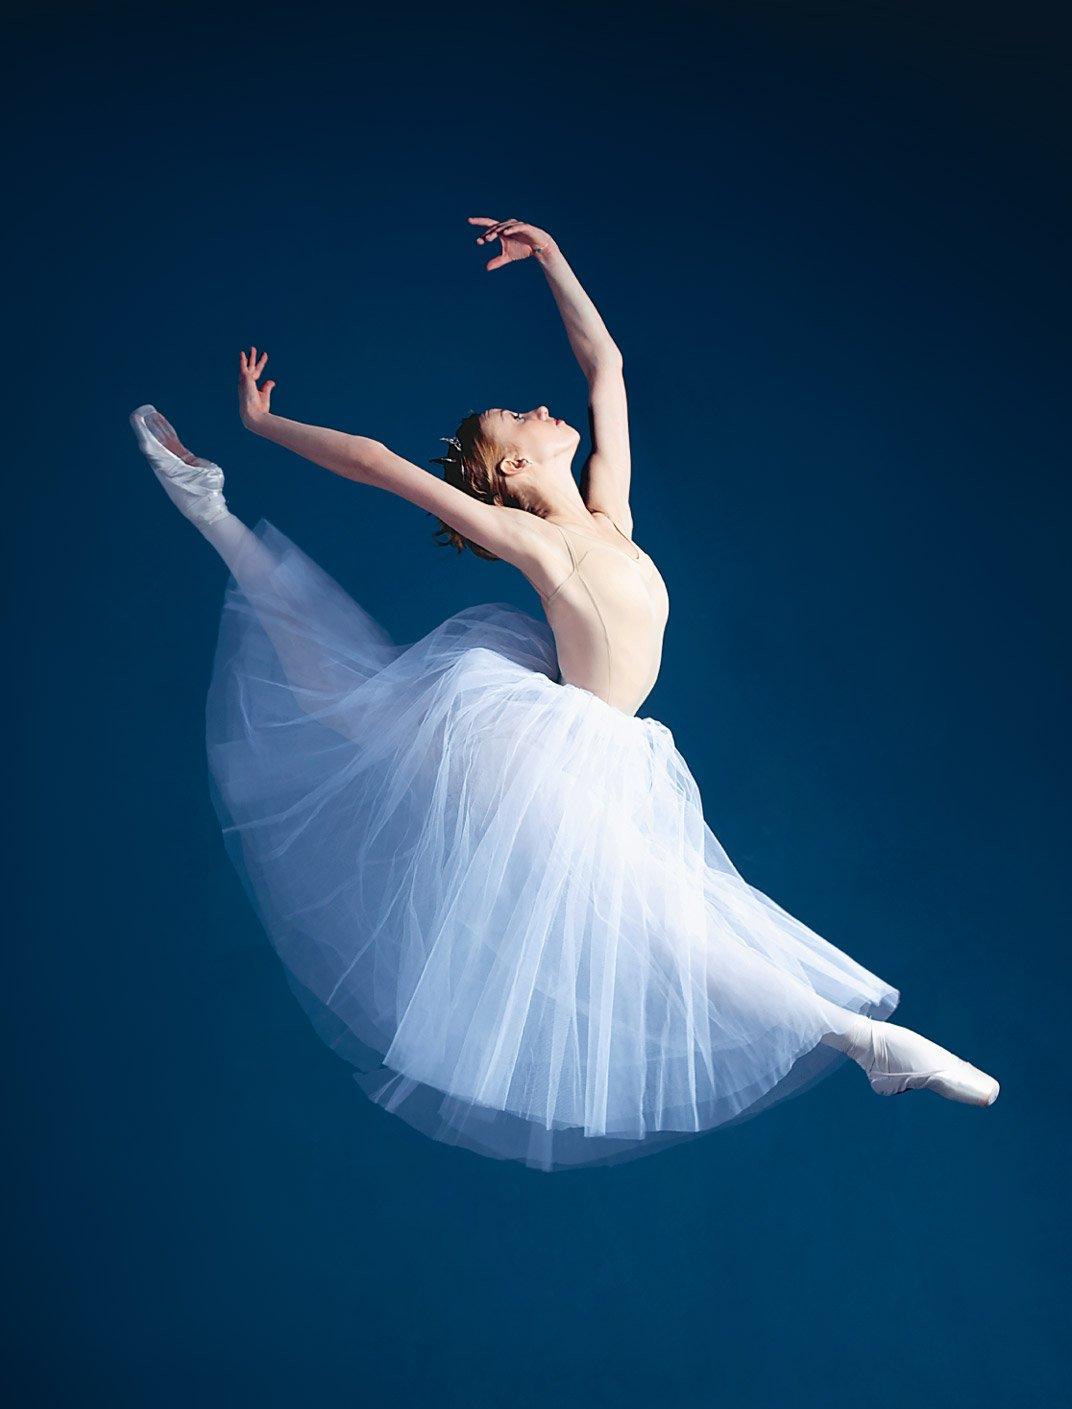 Ballett Tänzerin zeigt ihre attitude